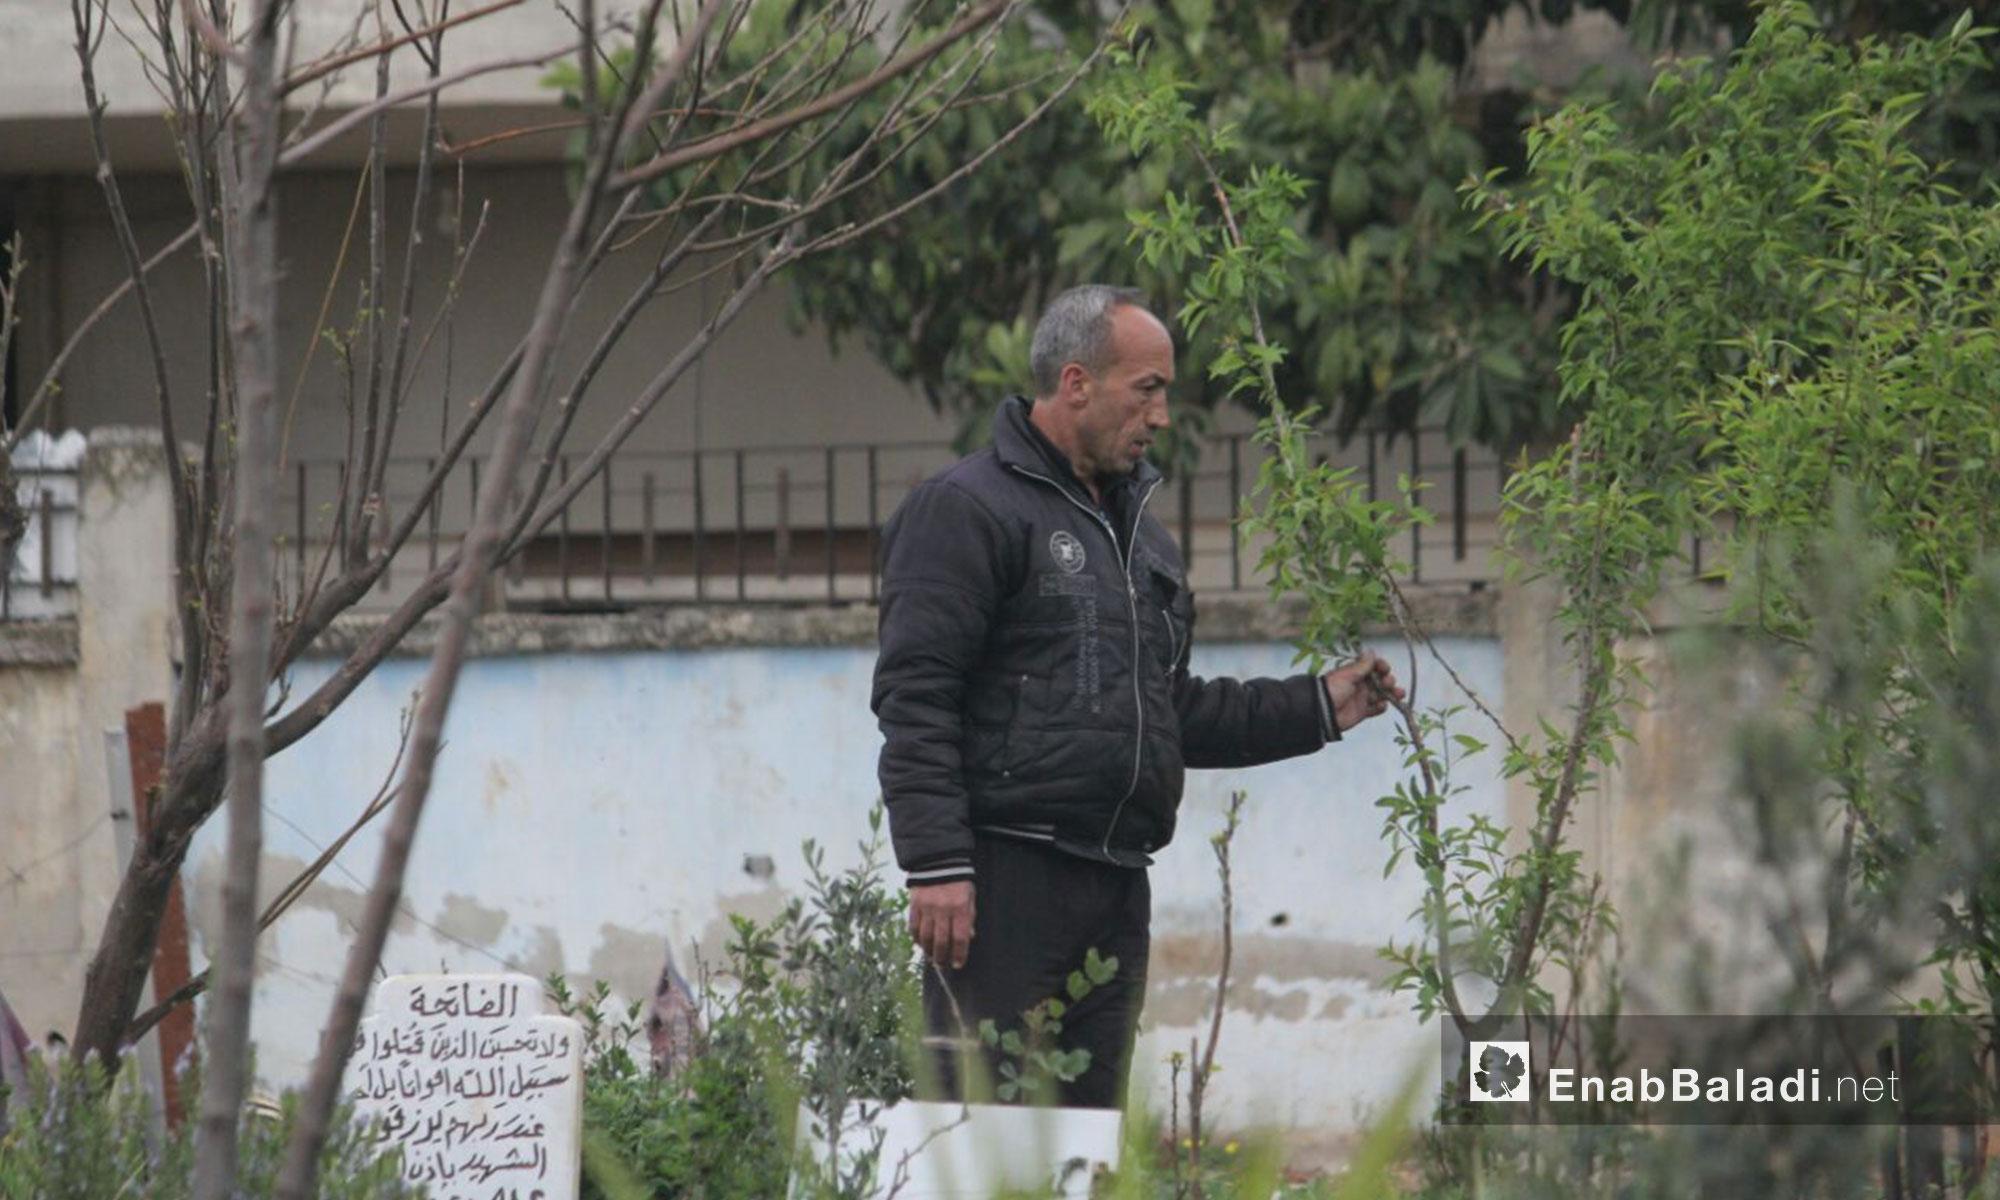 أحد المدنيين في حي الوعر يزور المقبرة مع دخول فصل الربيع - 30 آذار 2017 (عنب بلدي)